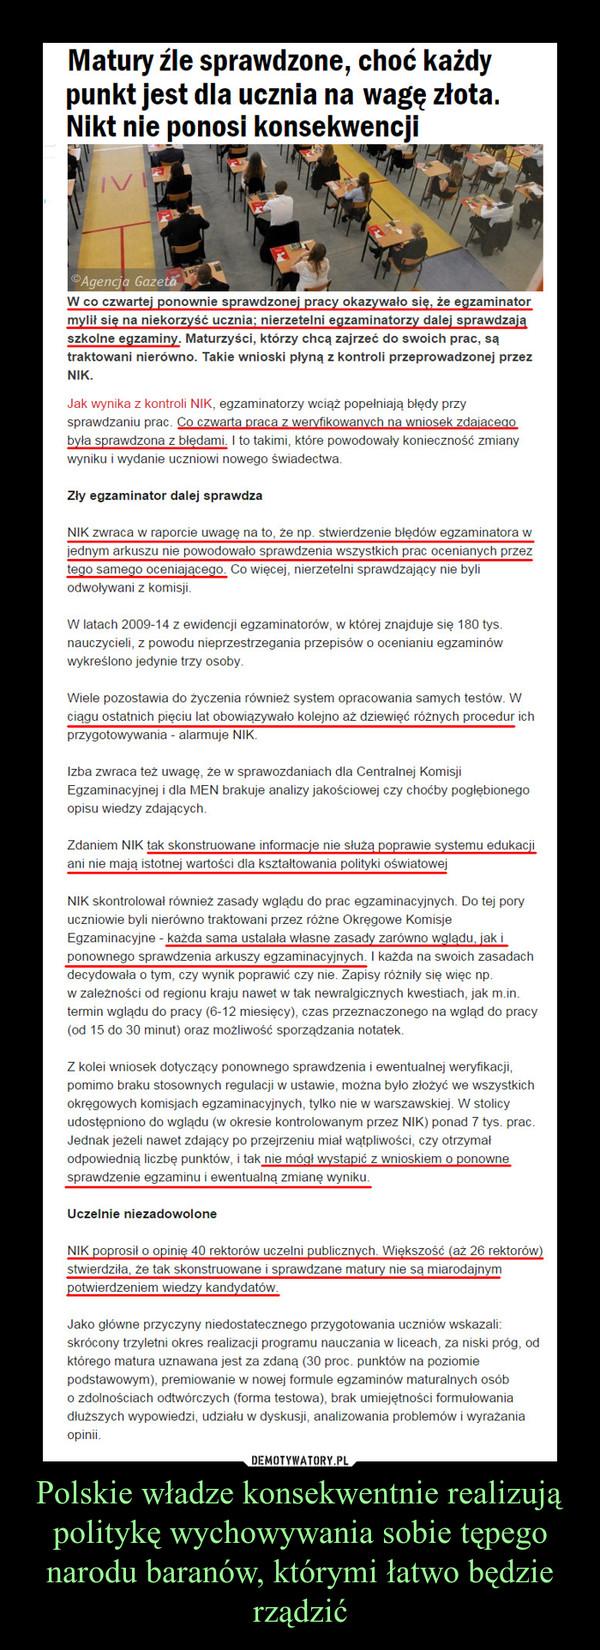 Polskie władze konsekwentnie realizują politykę wychowywania sobie tępego narodu baranów, którymi łatwo będzie rządzić –